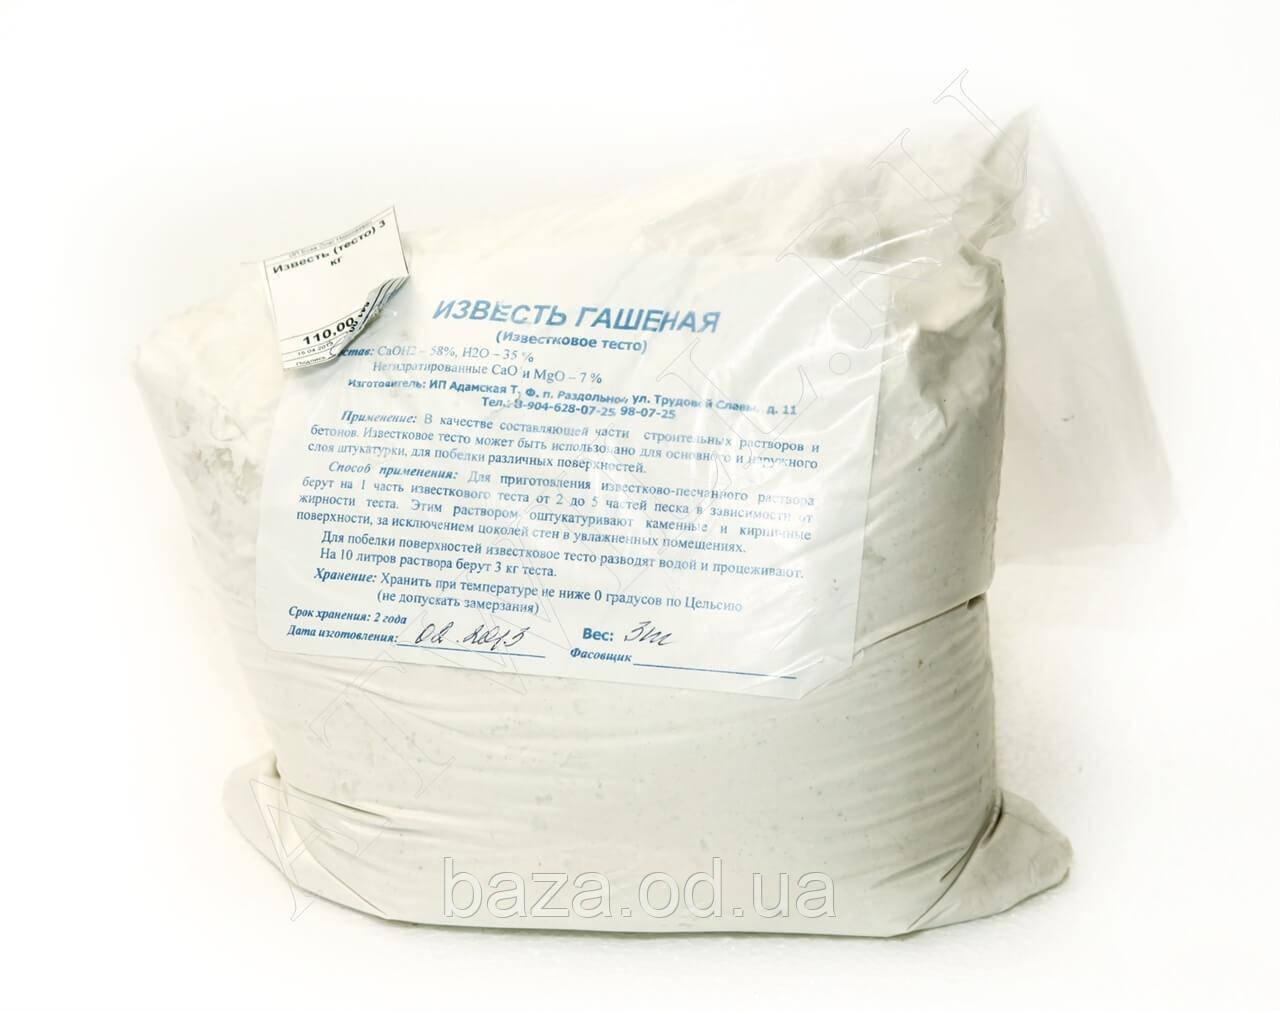 Известь гашенная (Известковое тесто) супер белое 4 кг